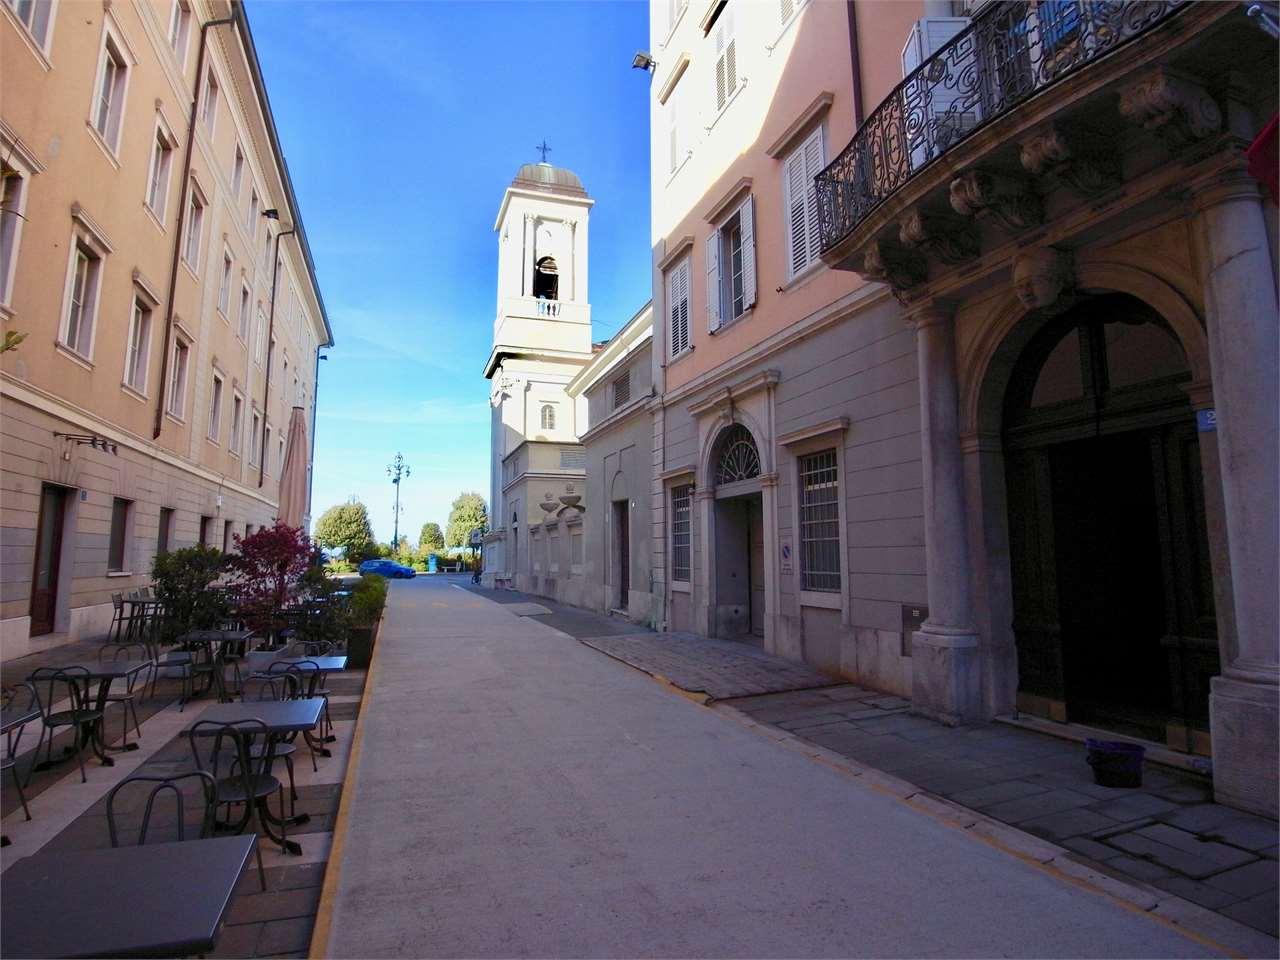 Ufficio / Studio in vendita a Trieste, 5 locali, zona Zona: Centro storico, prezzo € 320.000 | CambioCasa.it